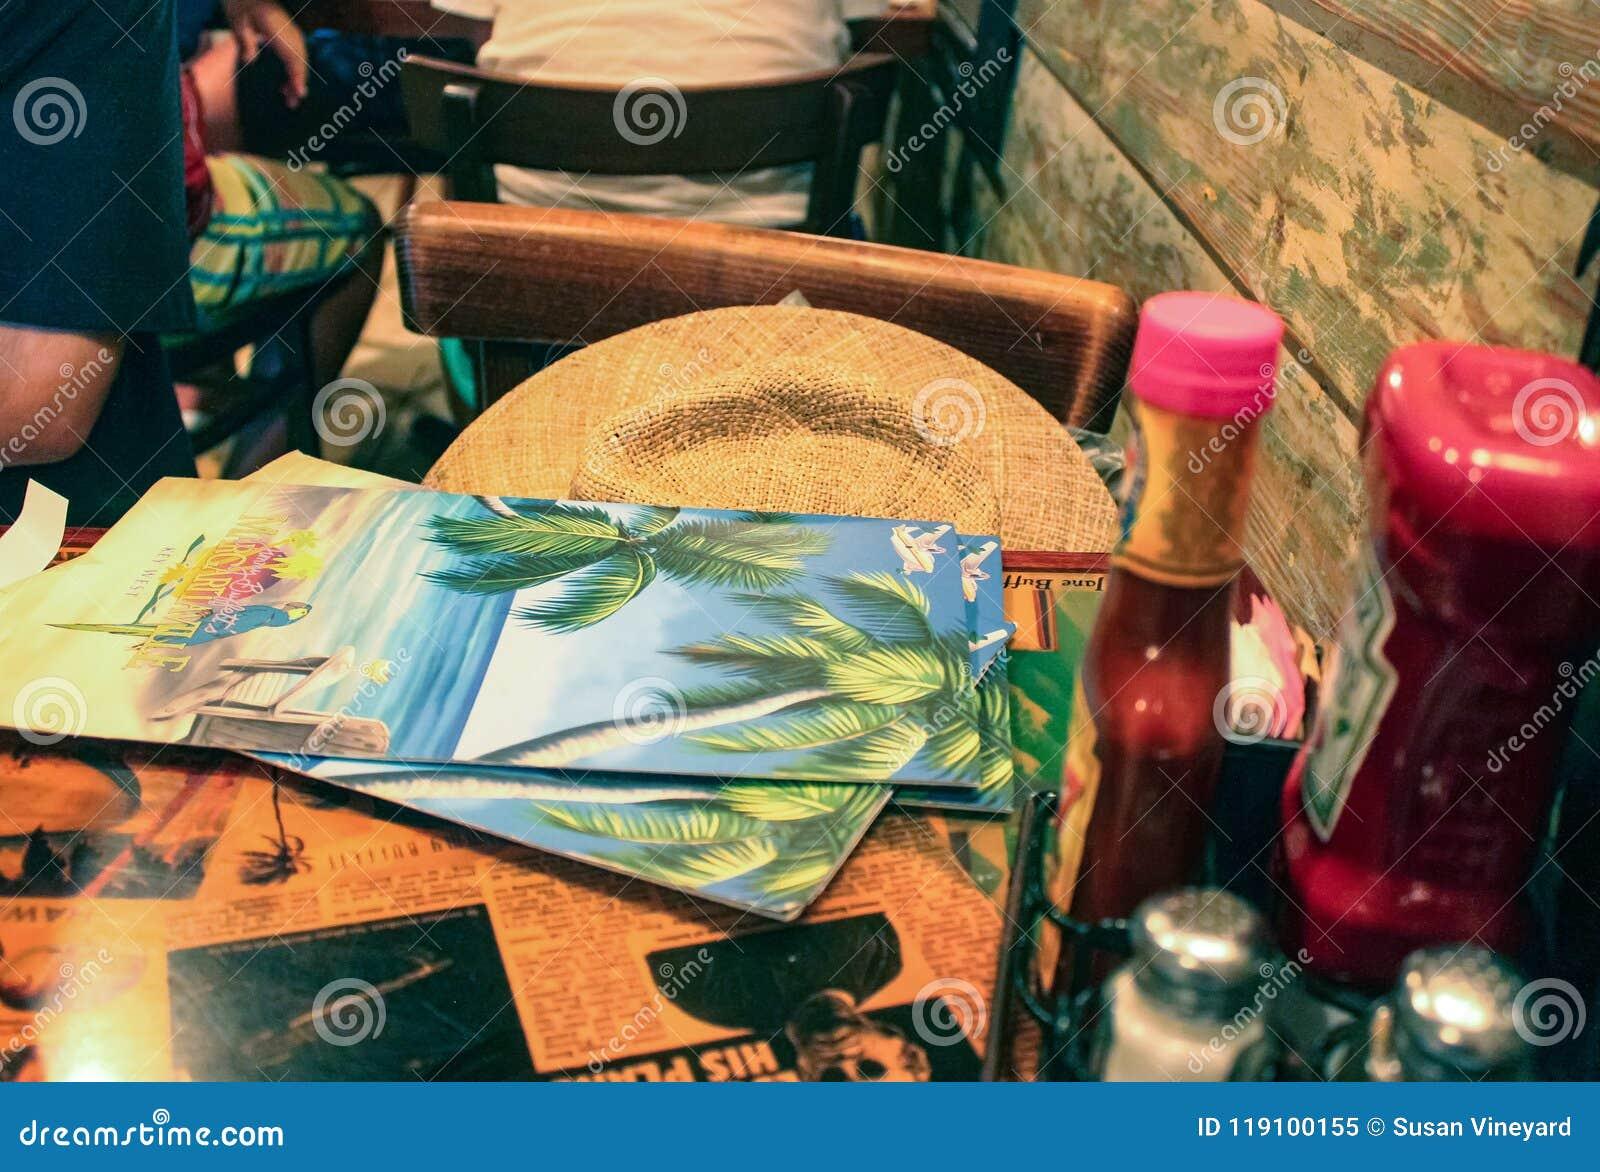 Una tabla en Margaritaville con menús y un sombrero y condimentos Key West la Florida los E.E.U.U.